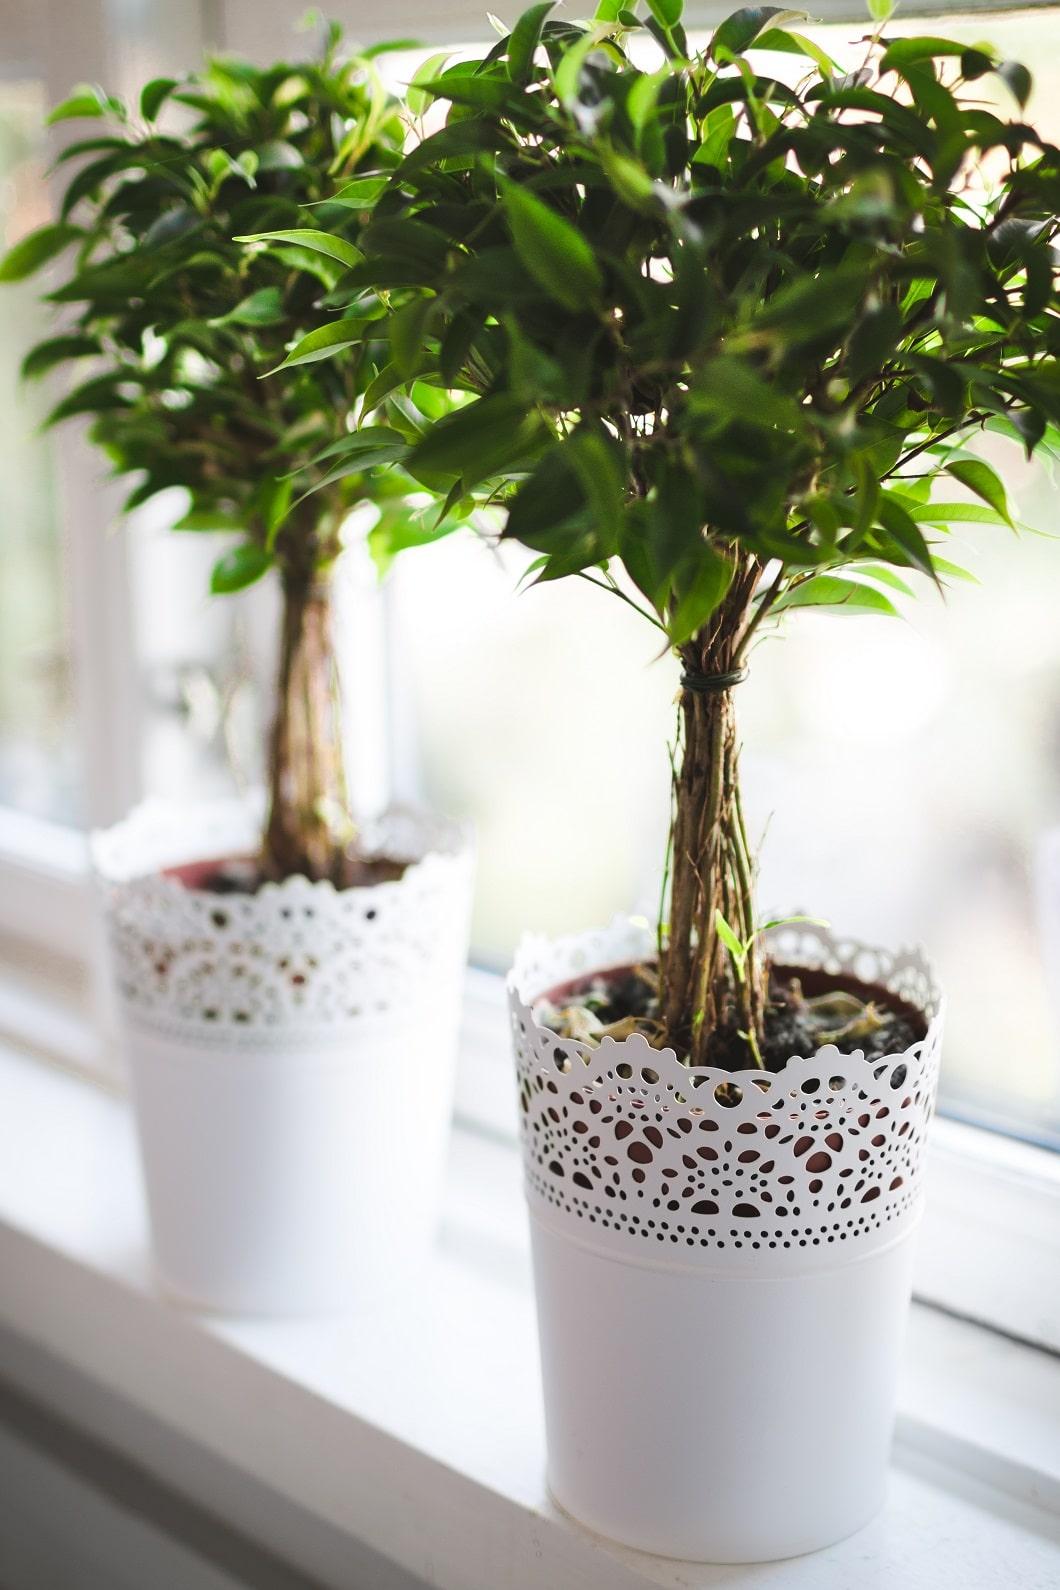 Überall ein gern gesehener Gast, weil besonders pflegeleicht: Der Ficus Benjamini. (Foto: Lucas Alexander)